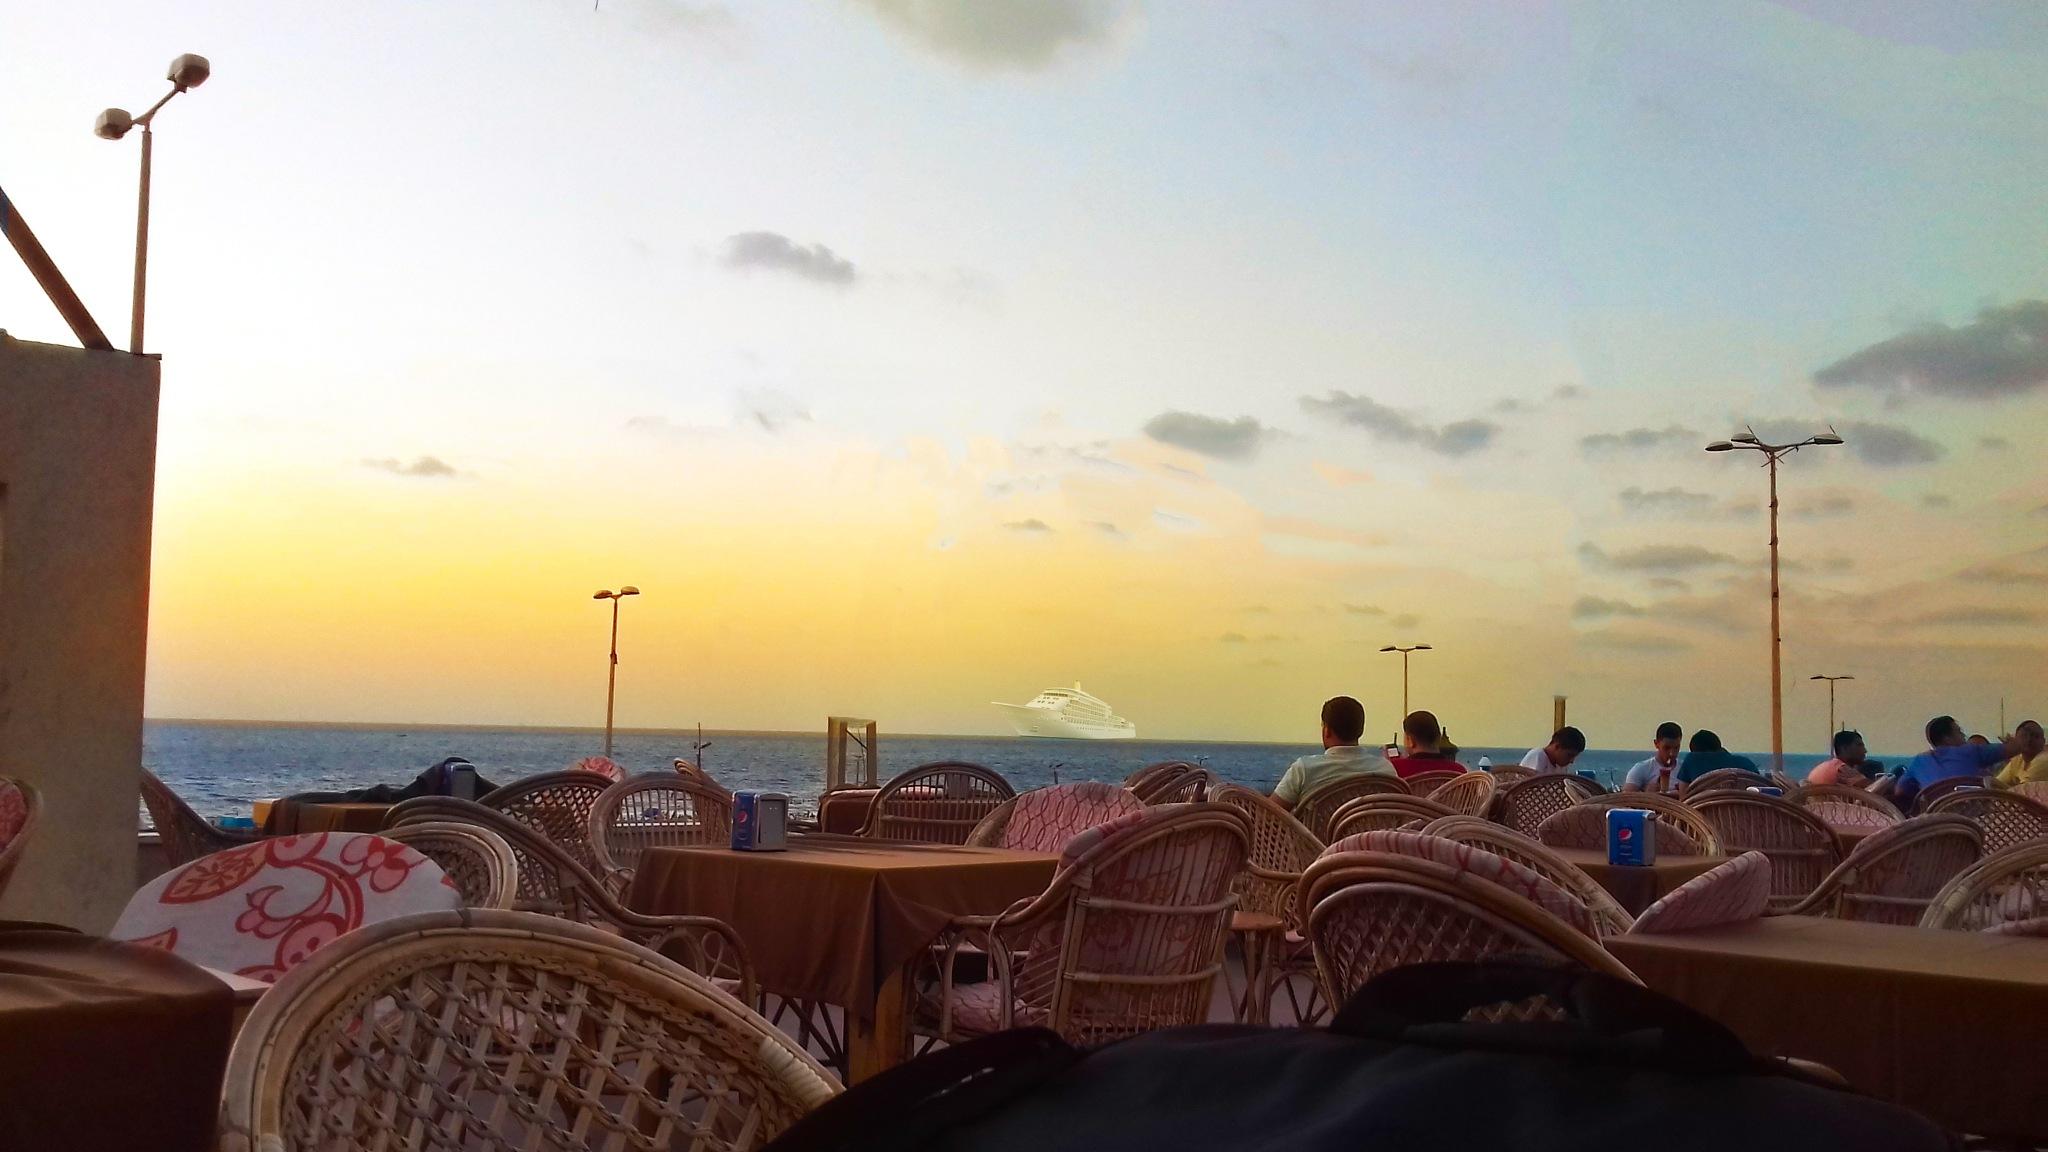 Sunset by ahmad.almadhoun.3